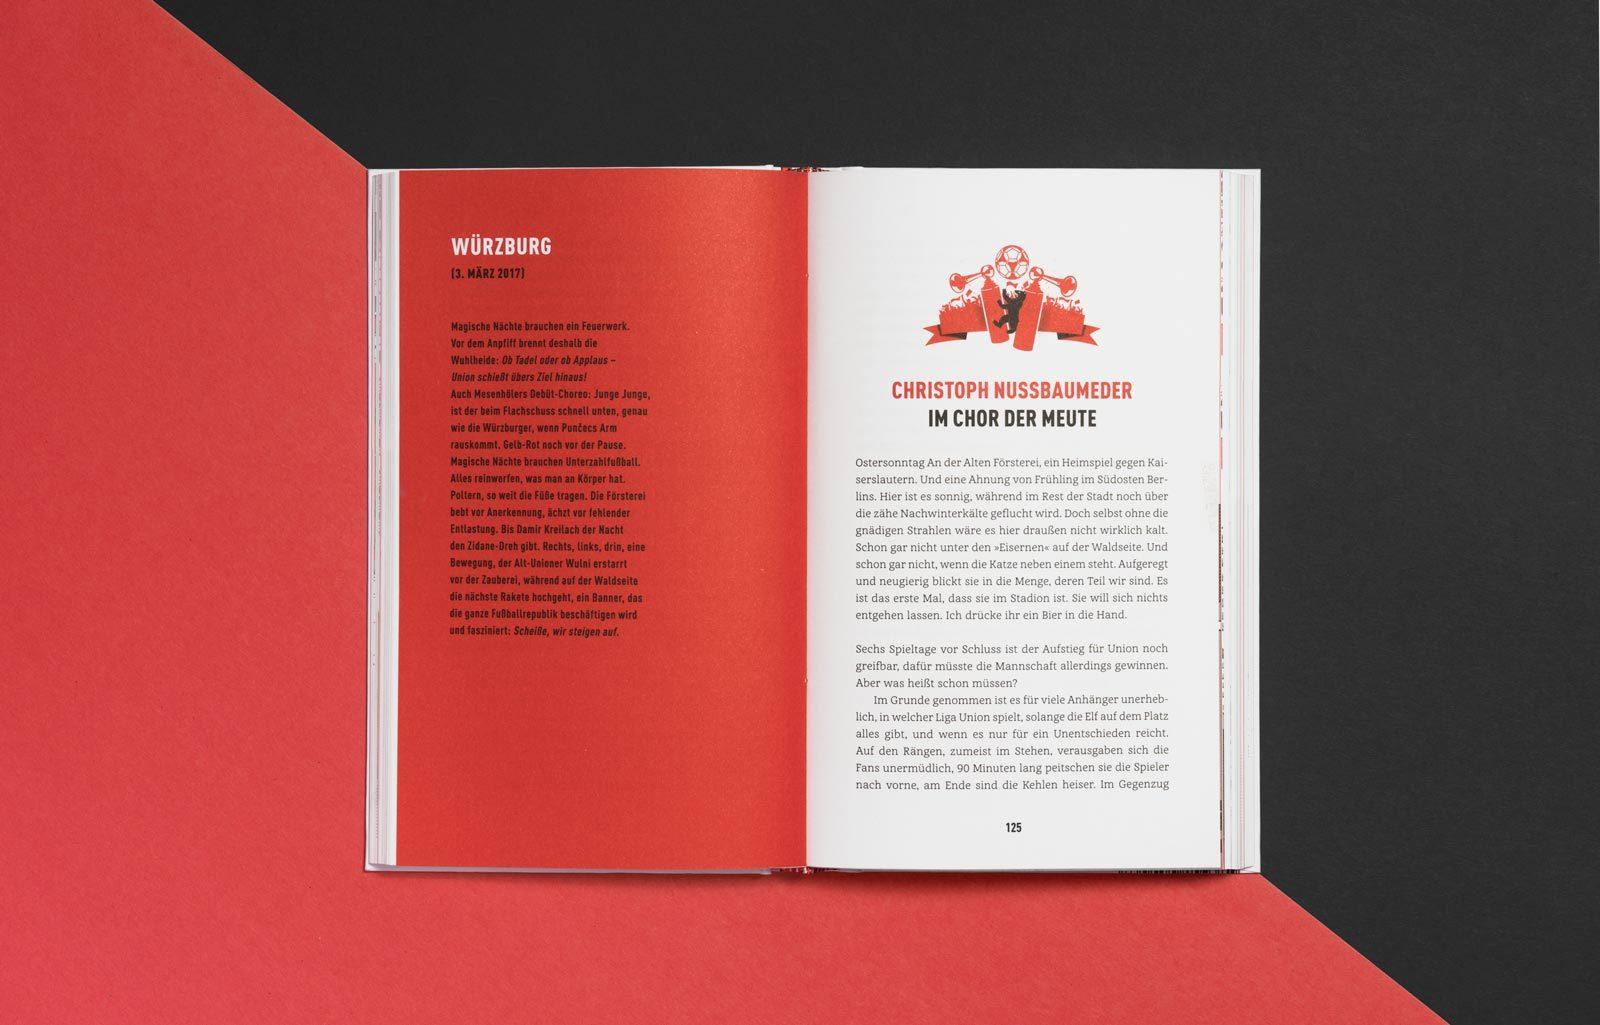 Editienne Grafikdesign - Kommunikationsdesign Berlin- Buchgestaltung und Coverdesign- Alles steht auf Rot 4